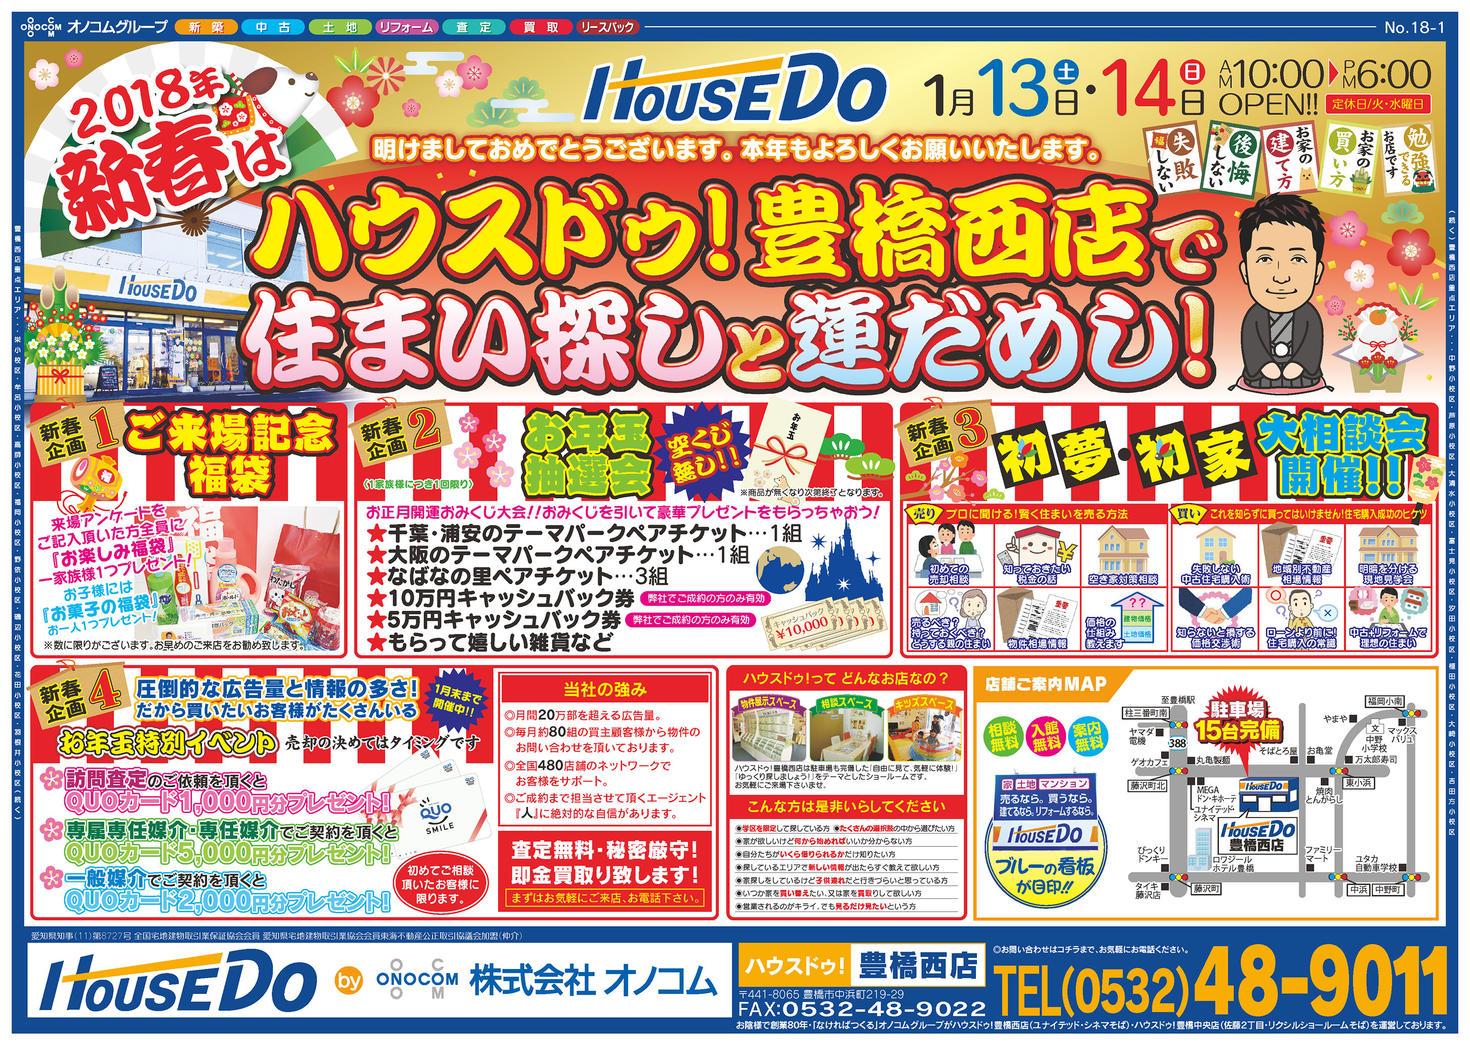 ☆☆豊橋西店 最新不動産チラシ 1月12日号☆☆